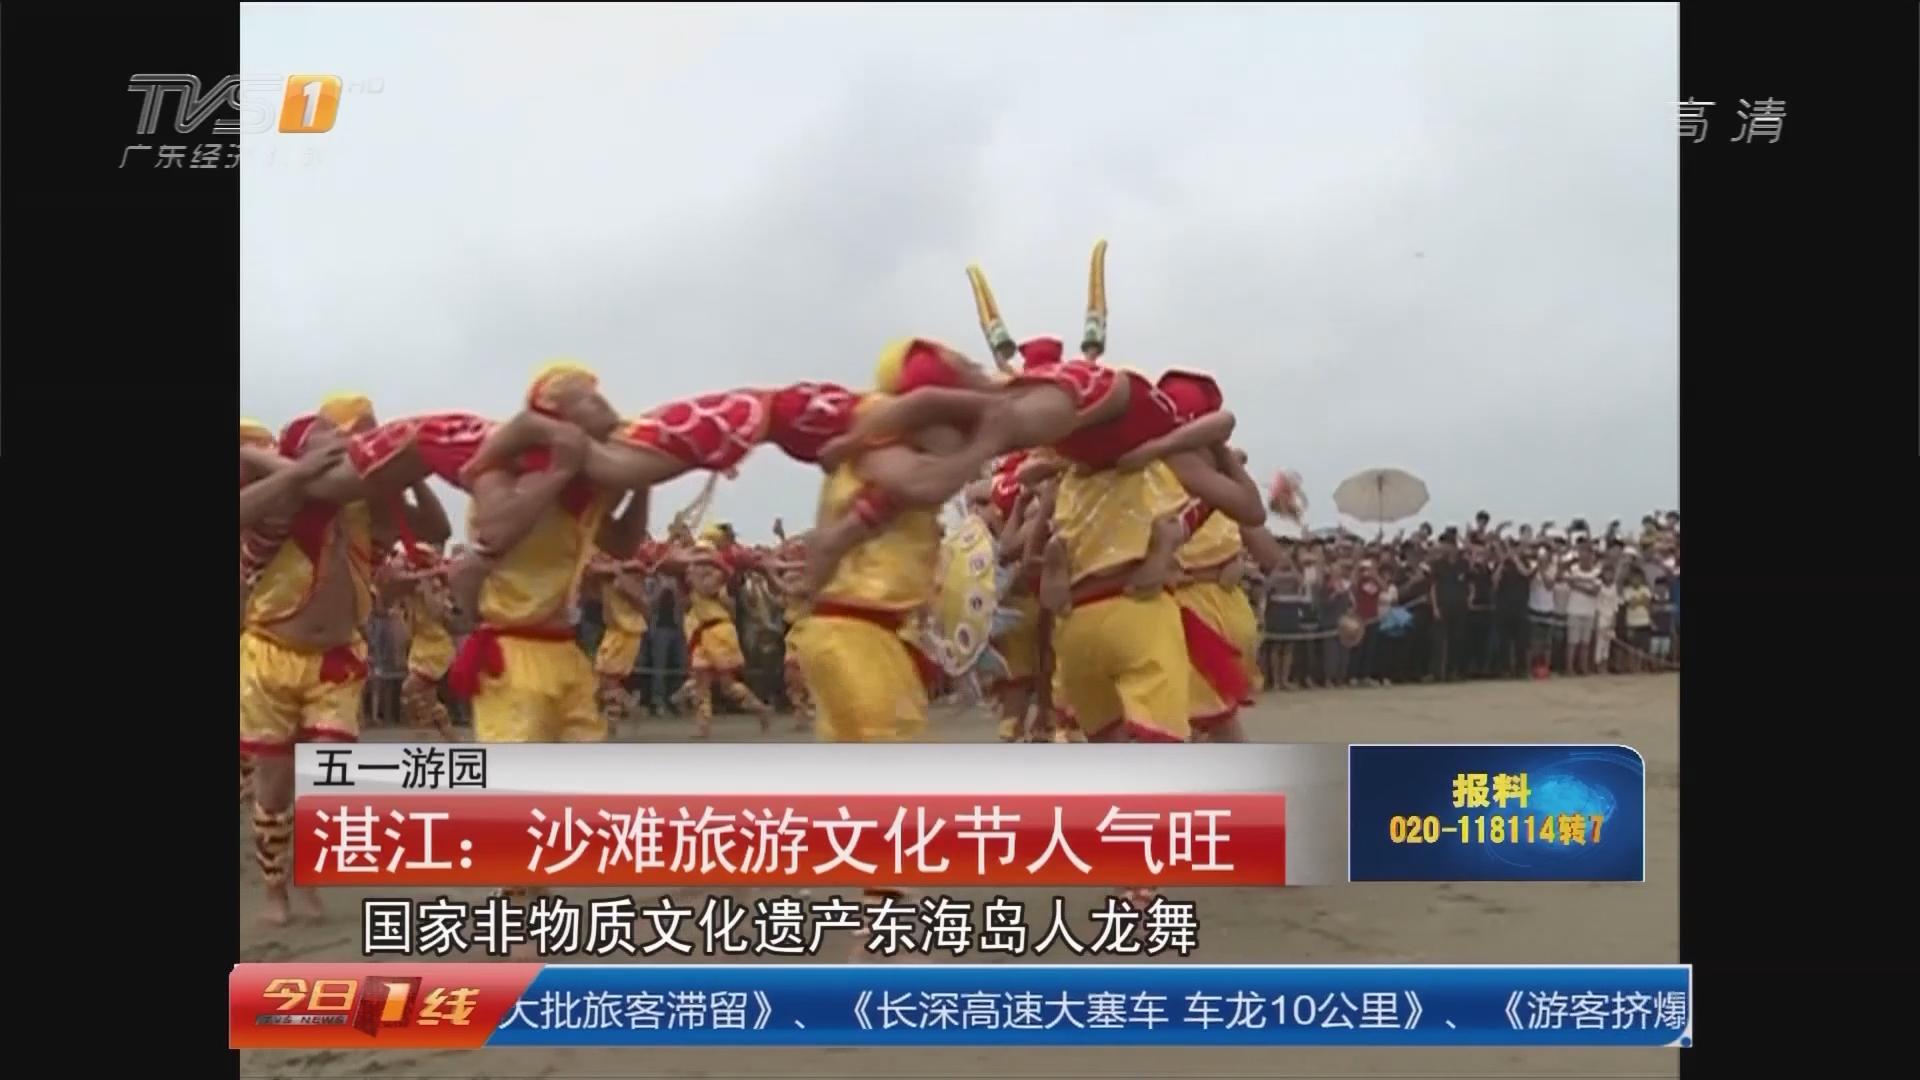 五一游园 湛江:沙滩旅游文化节人气旺